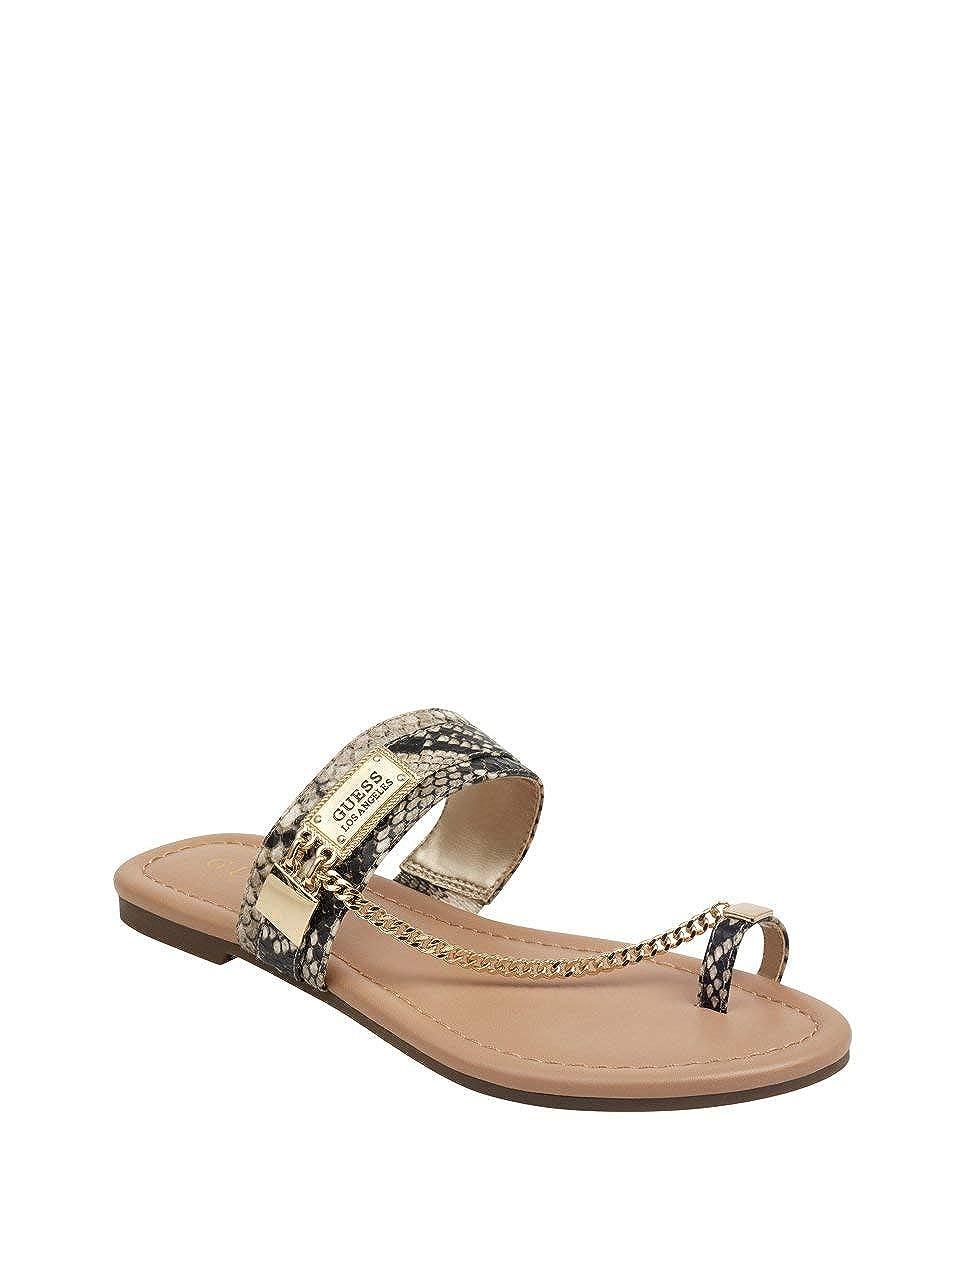 Chain Factory Guess Women's Sandals Landen jLqR3A54